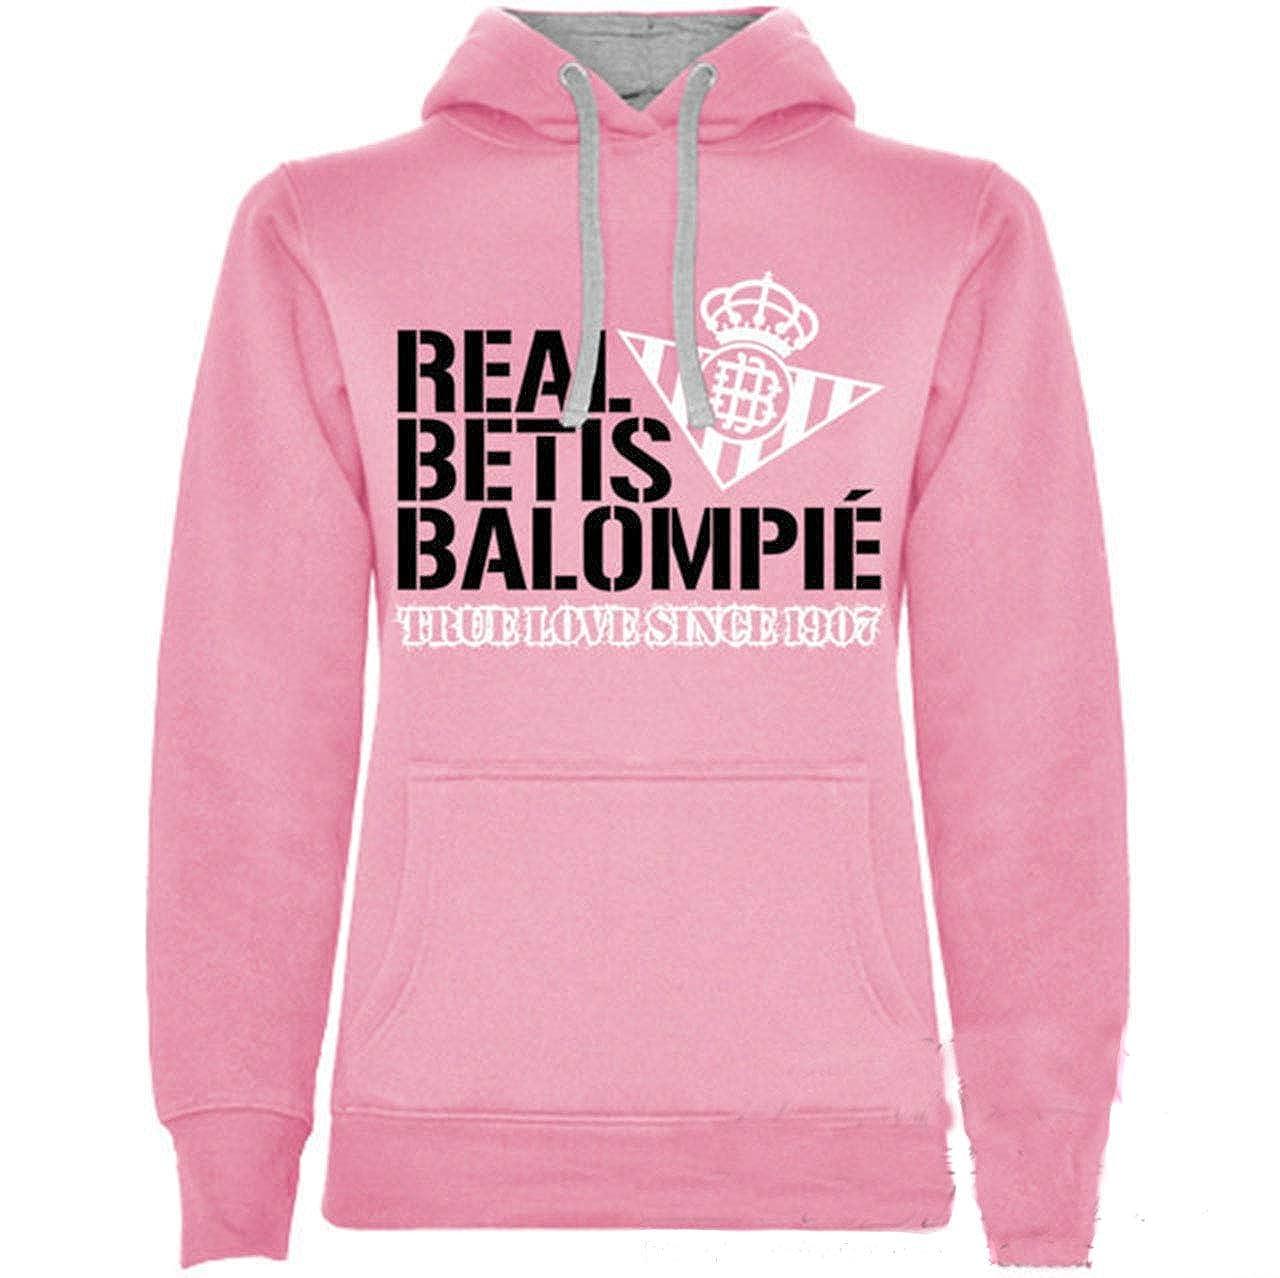 adp Sudadera para Mujer Real Betis Balompié. Color Rosa/Talla L/Ancho: 53cm Largo: 67cm: Amazon.es: Ropa y accesorios